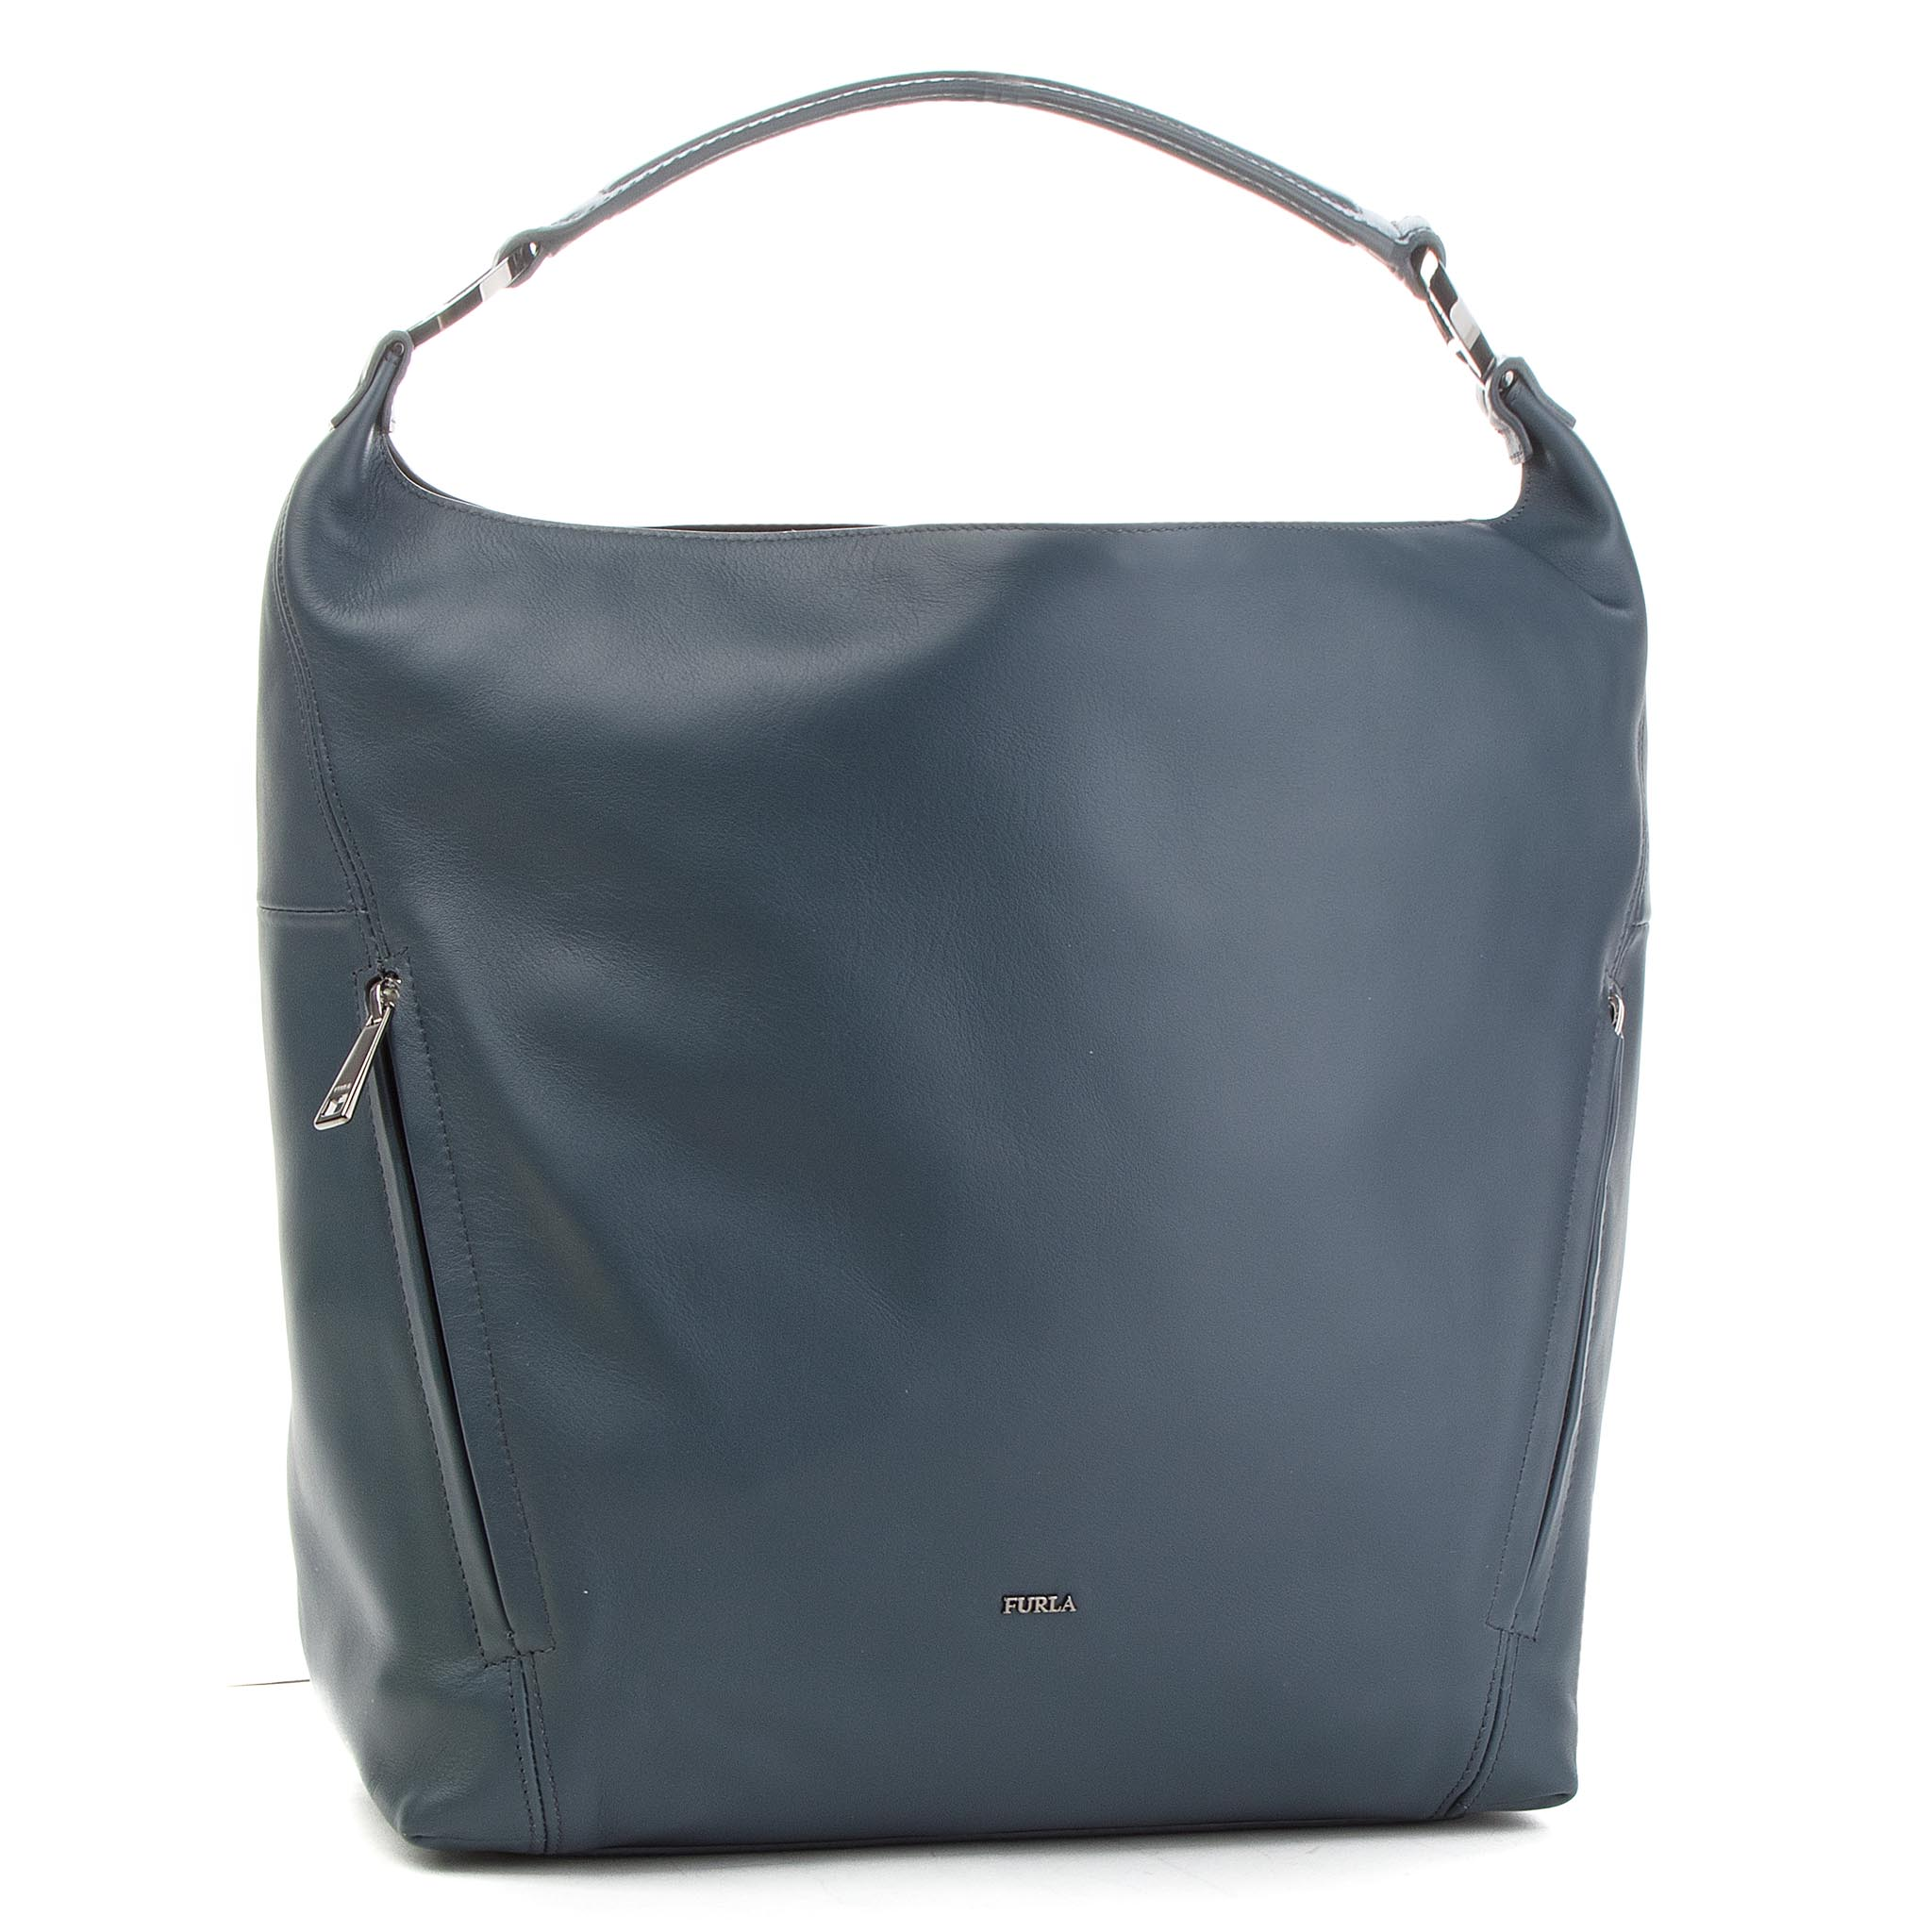 848ebd0f77 Handbag FURLA - Rialto 977640 B BTB9 VHC Perla e - Classic ...